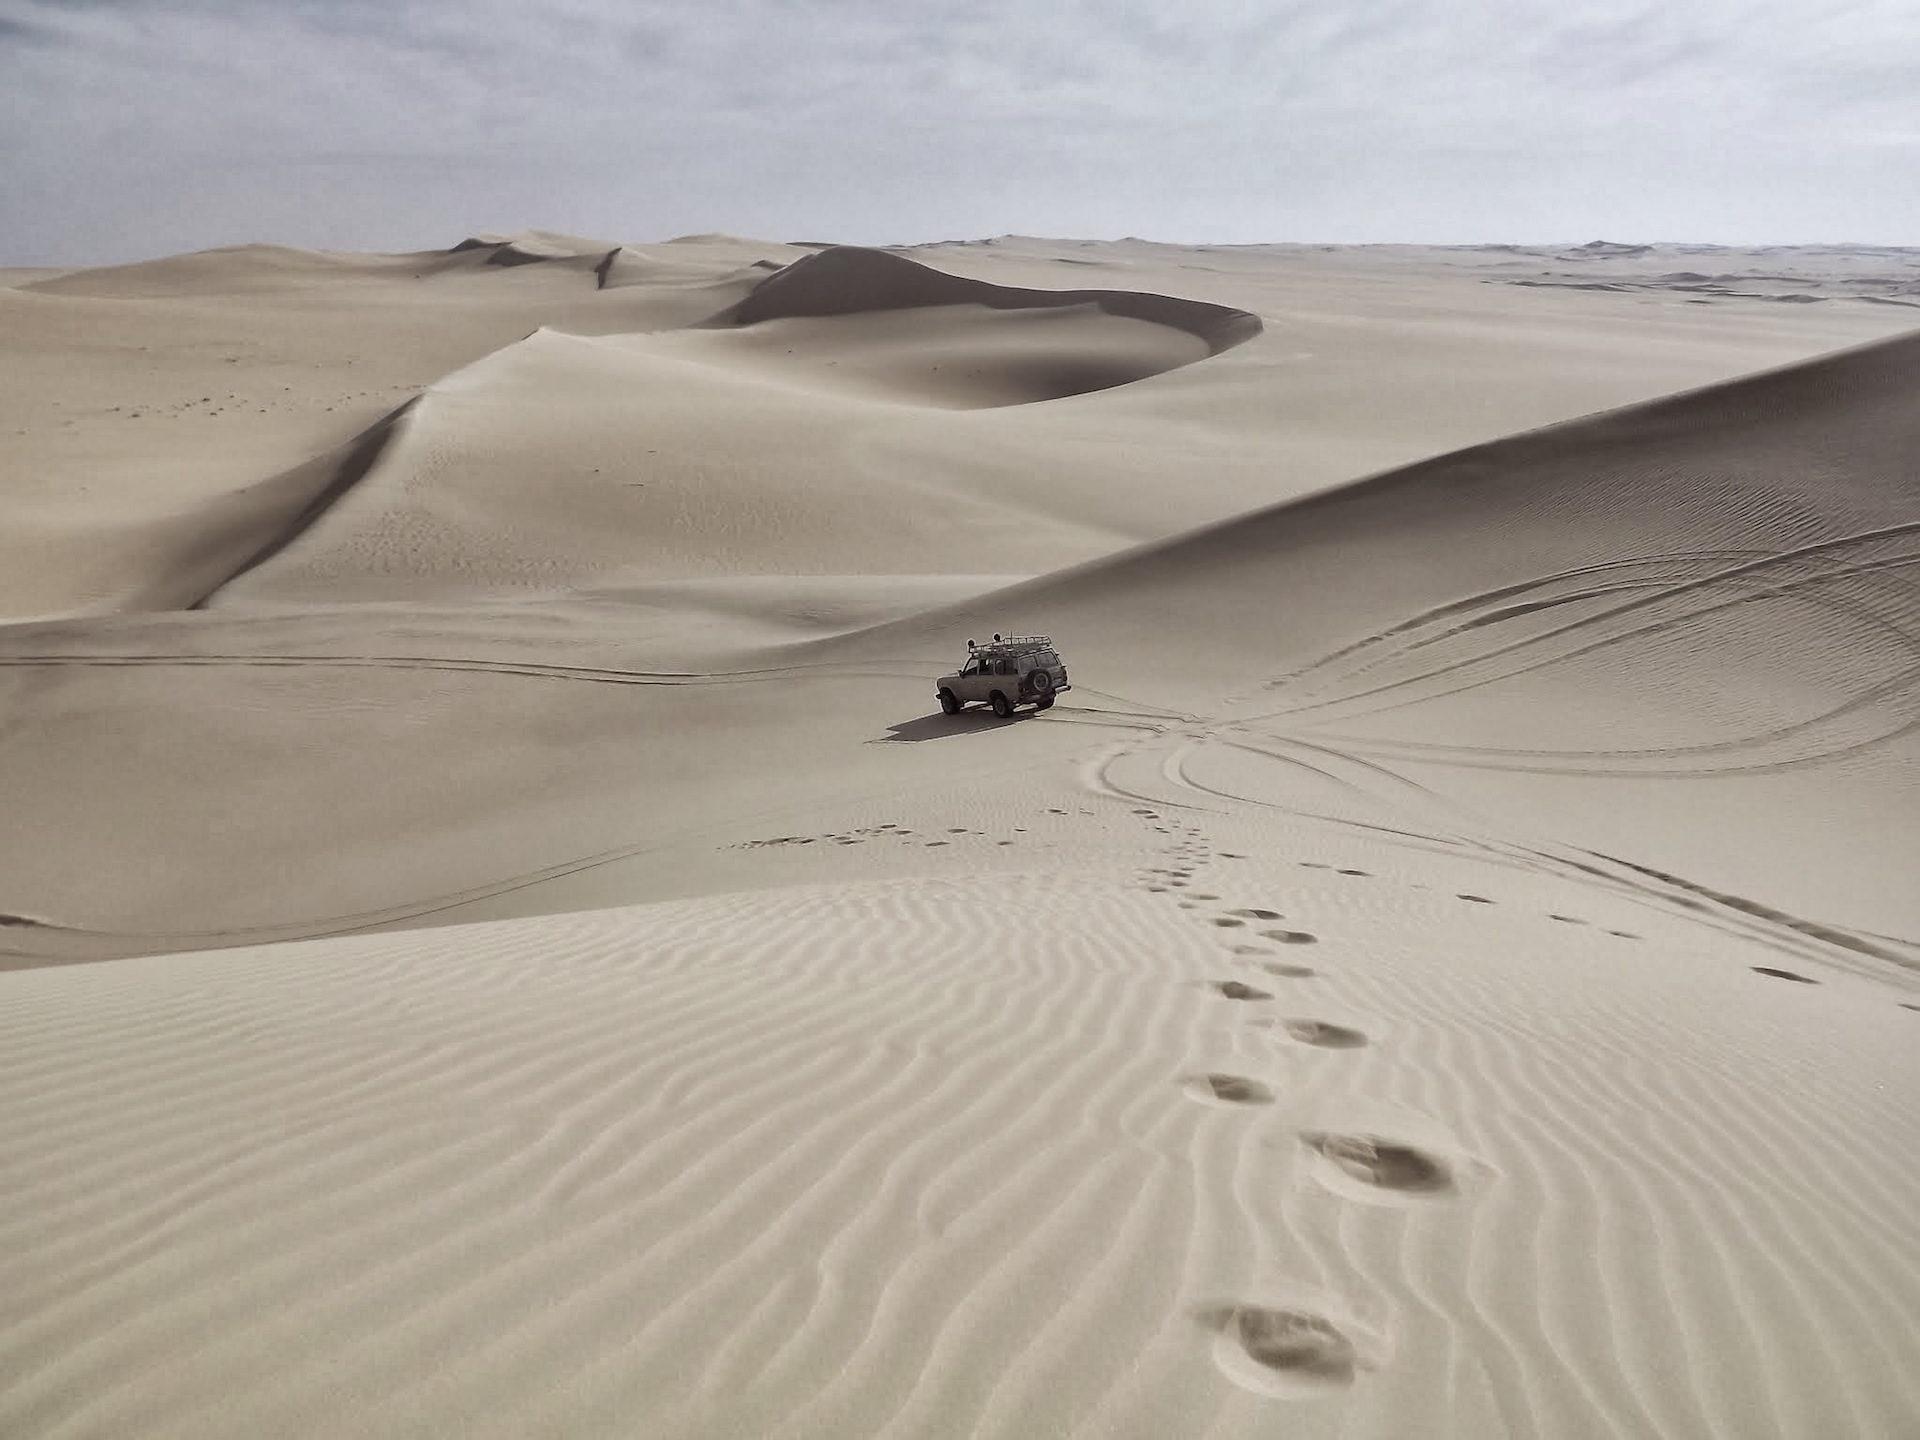 пустыня, автомобиль, следы, стопам, дюны - Обои HD - Профессор falken.com